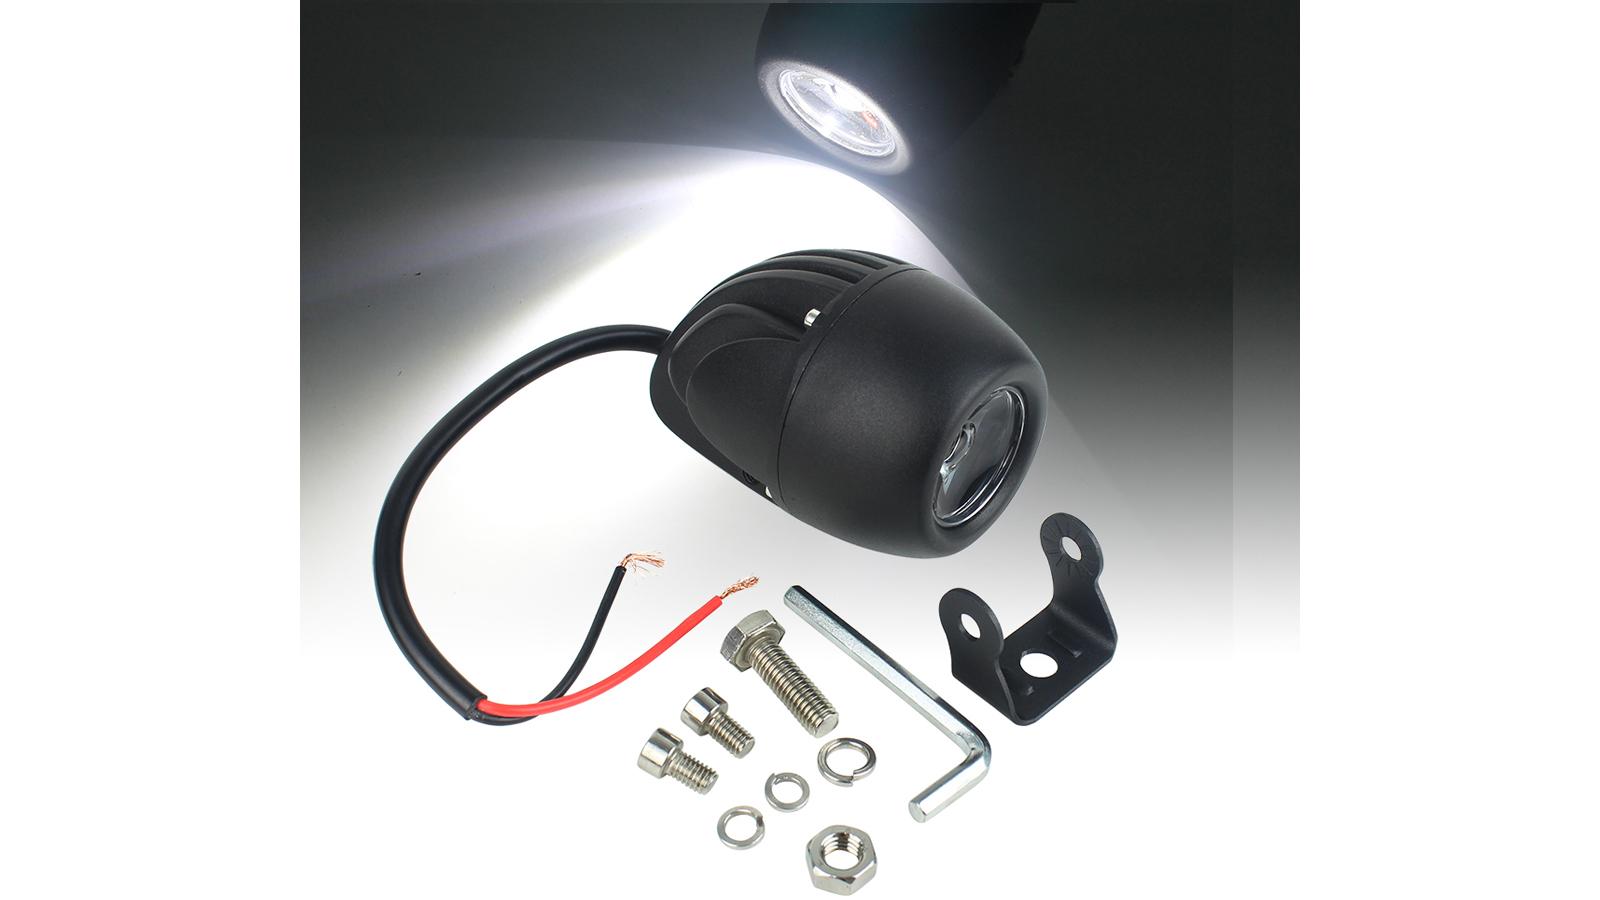 أفضل أضواء عمل أبيض LED مصباح حافلة للدراجات النارية الطرق الوعرة شاحنة سيارة قارب - قوانغتشو Aukma كهروضوئية CO ،. المحدودة